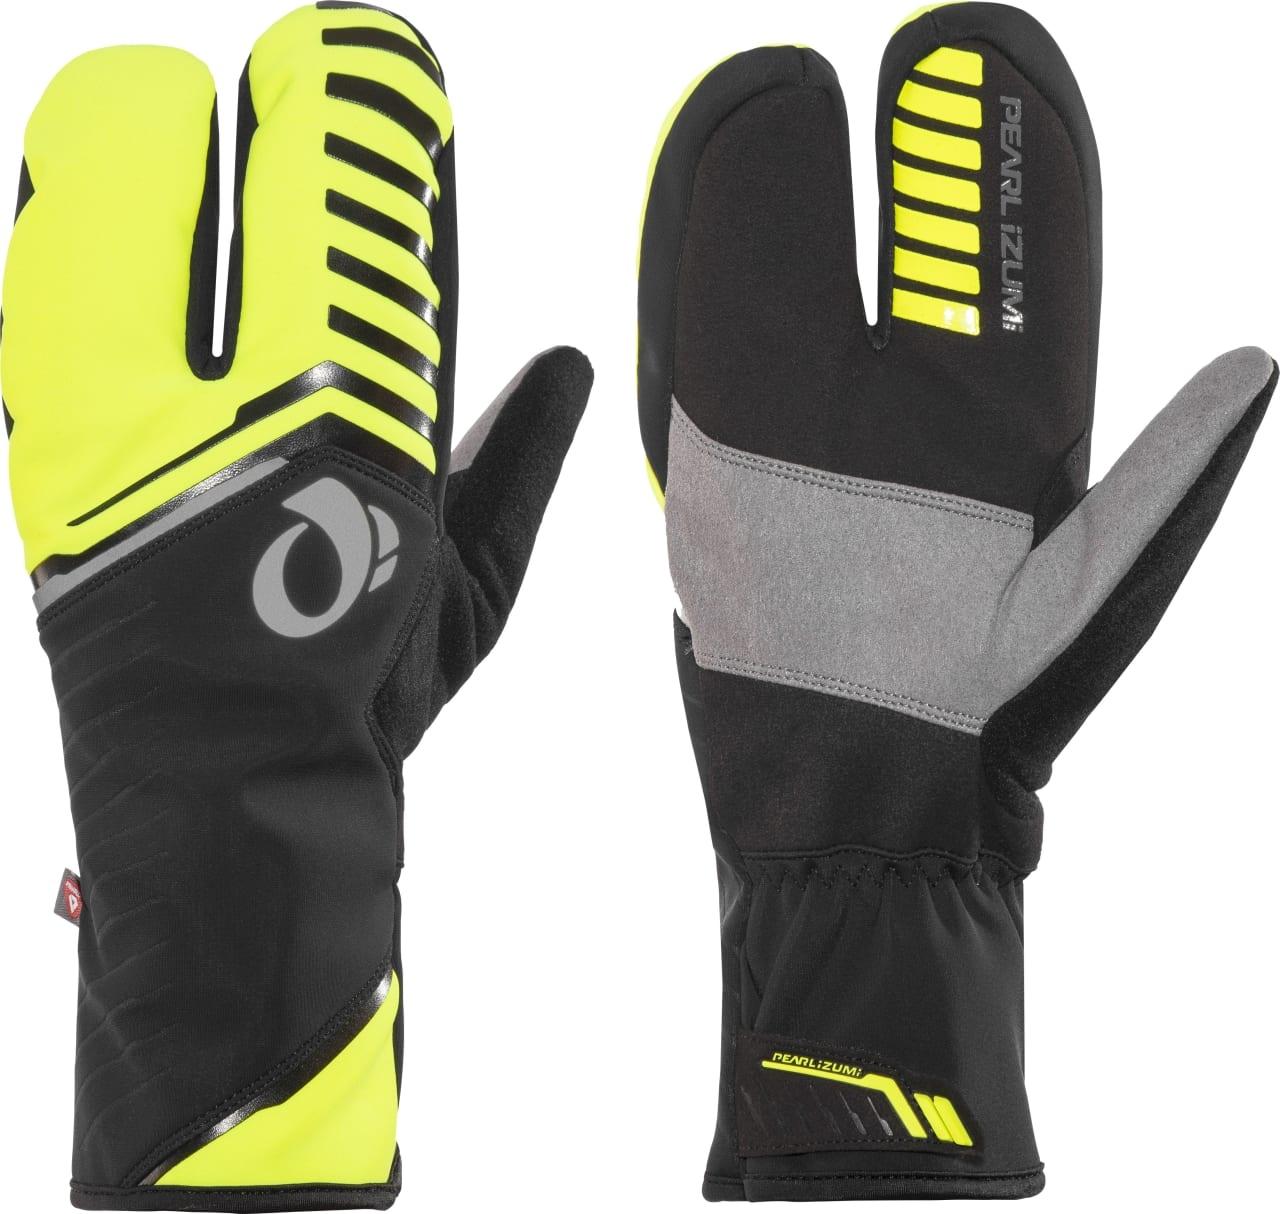 Tříprsté rukavice zajistí každému cyklistovi náležitý tepelný komfort i v mrazivých podmínkách.